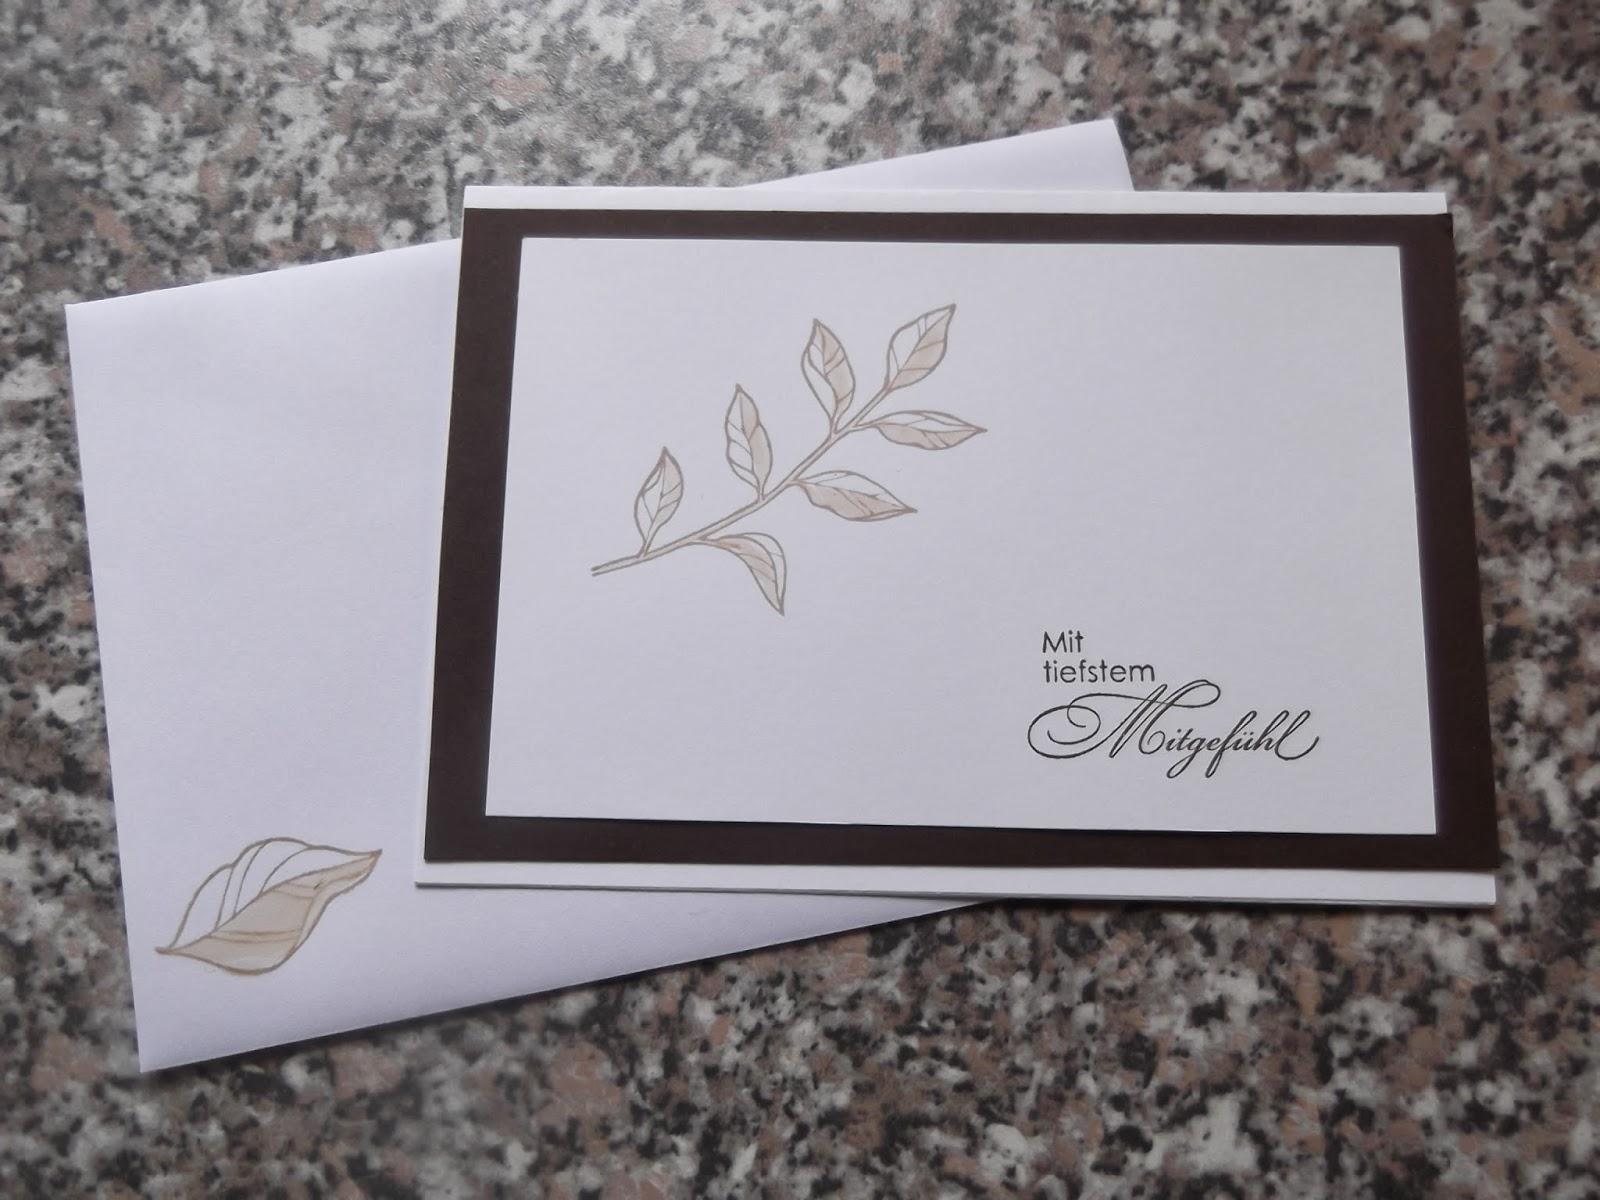 Trauerkarte Umschlag Beschriften